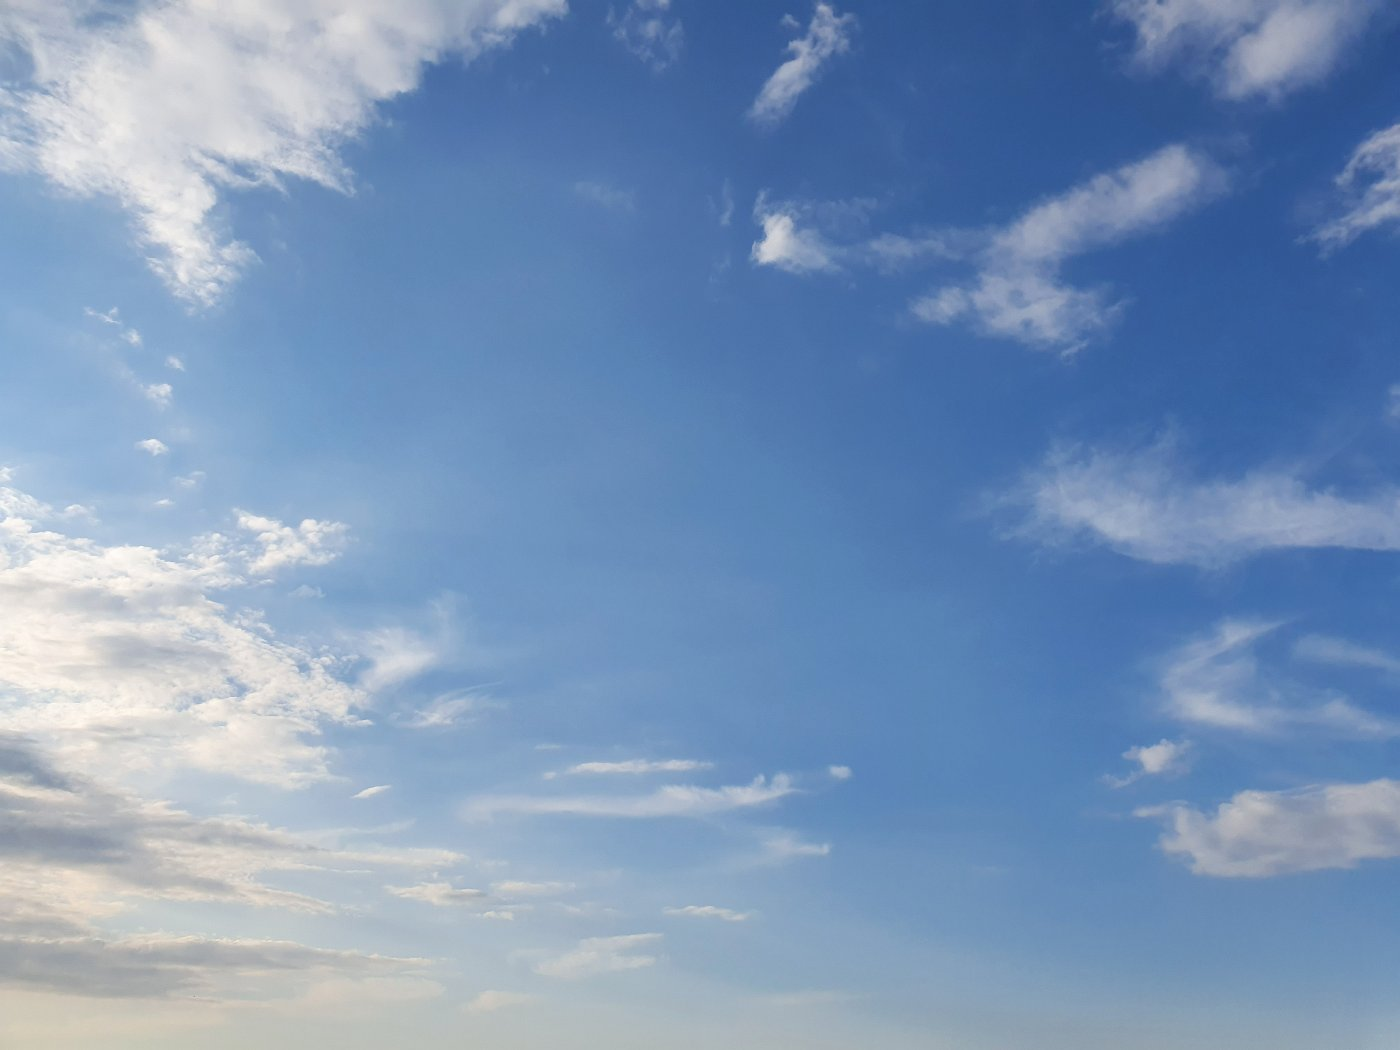 Pilvedega kaanepilt tekstile ujumiskohad eestis